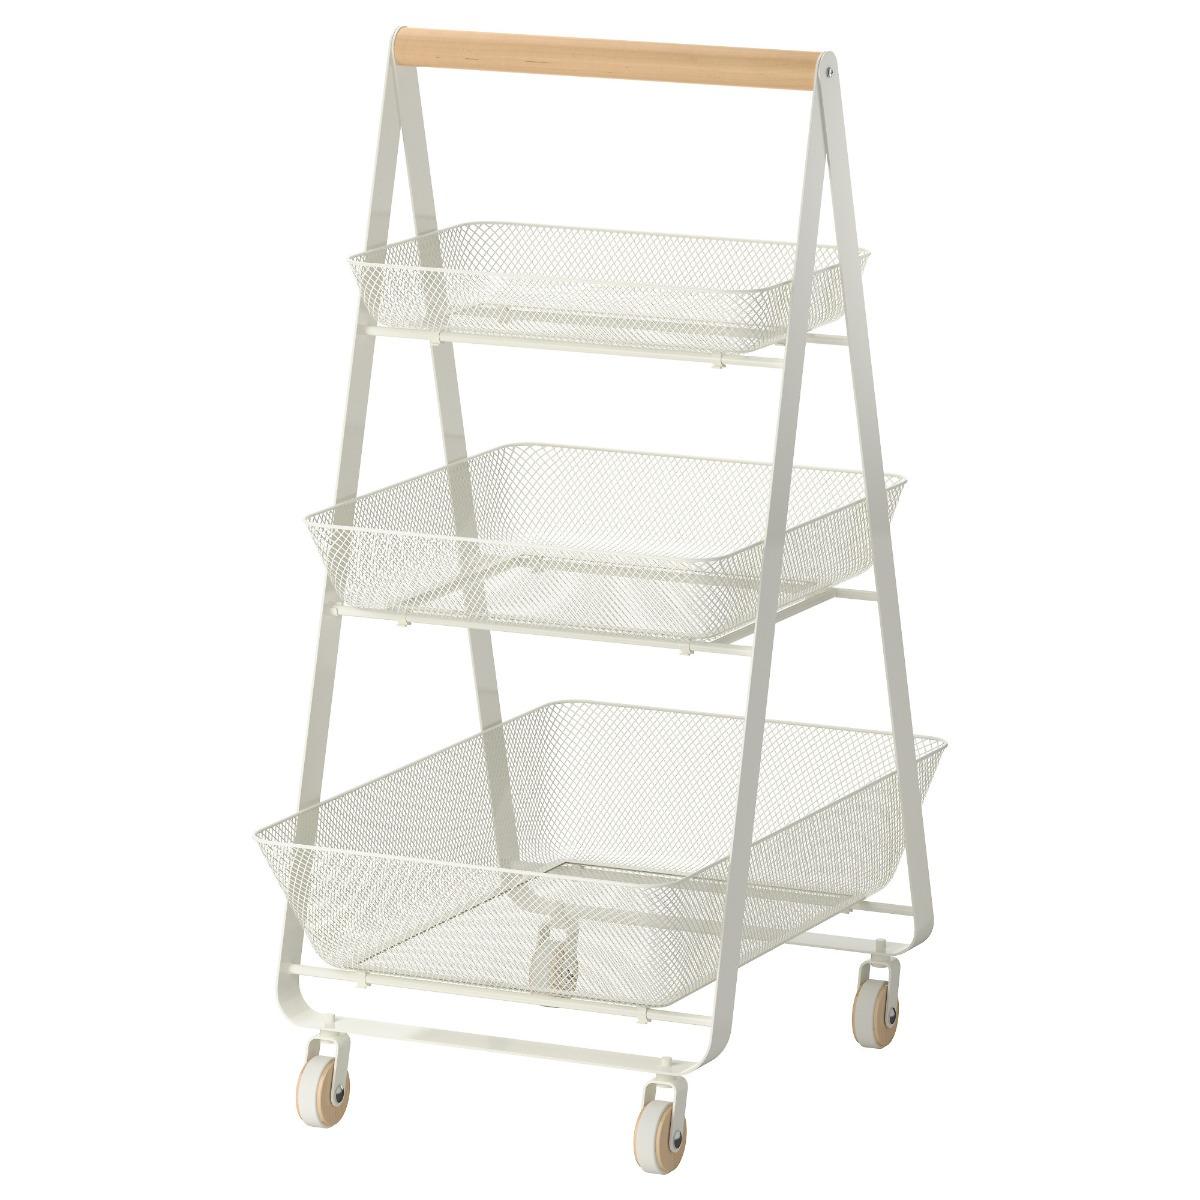 Ikea Risatorp Carrito De Cocina 2 100 00 En Mercado Libre # Muebles Vestibulo Ikea